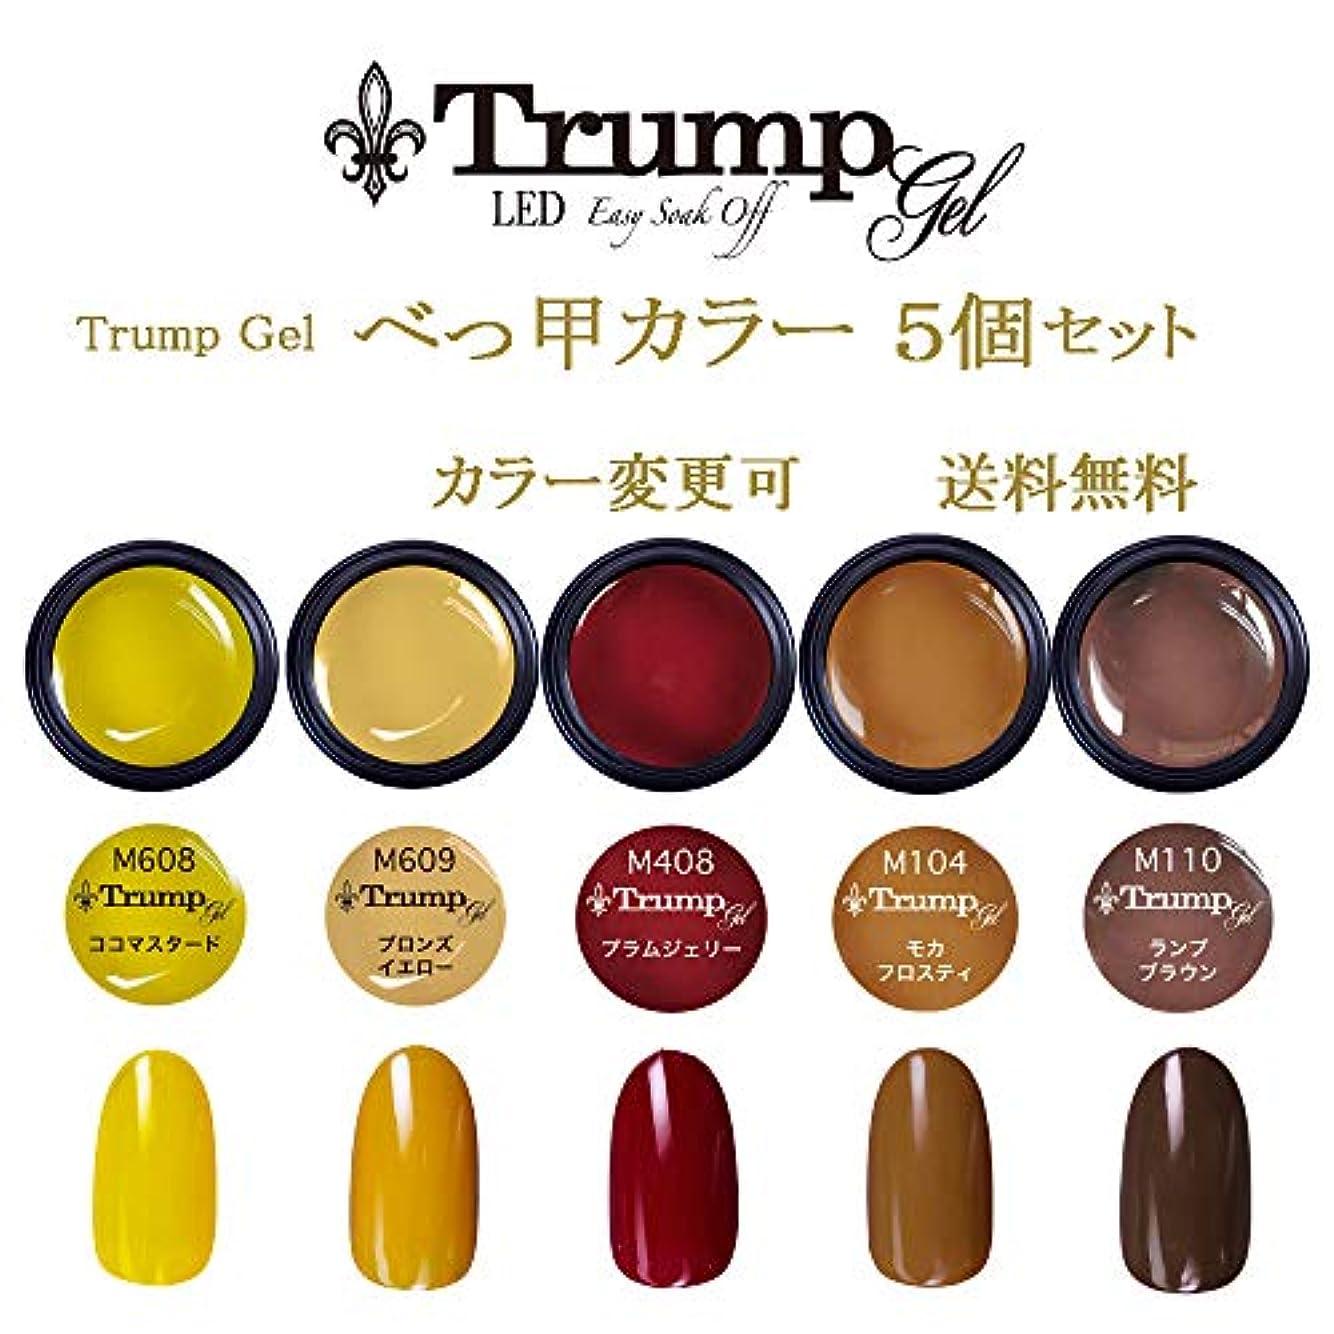 カーペット不測の事態リル【送料無料】日本製 Trump gel トランプジェル べっ甲カラー ブラウン系 選べる カラージェル 5個セット べっ甲ネイル ベージュ ブラウン マスタード カラー